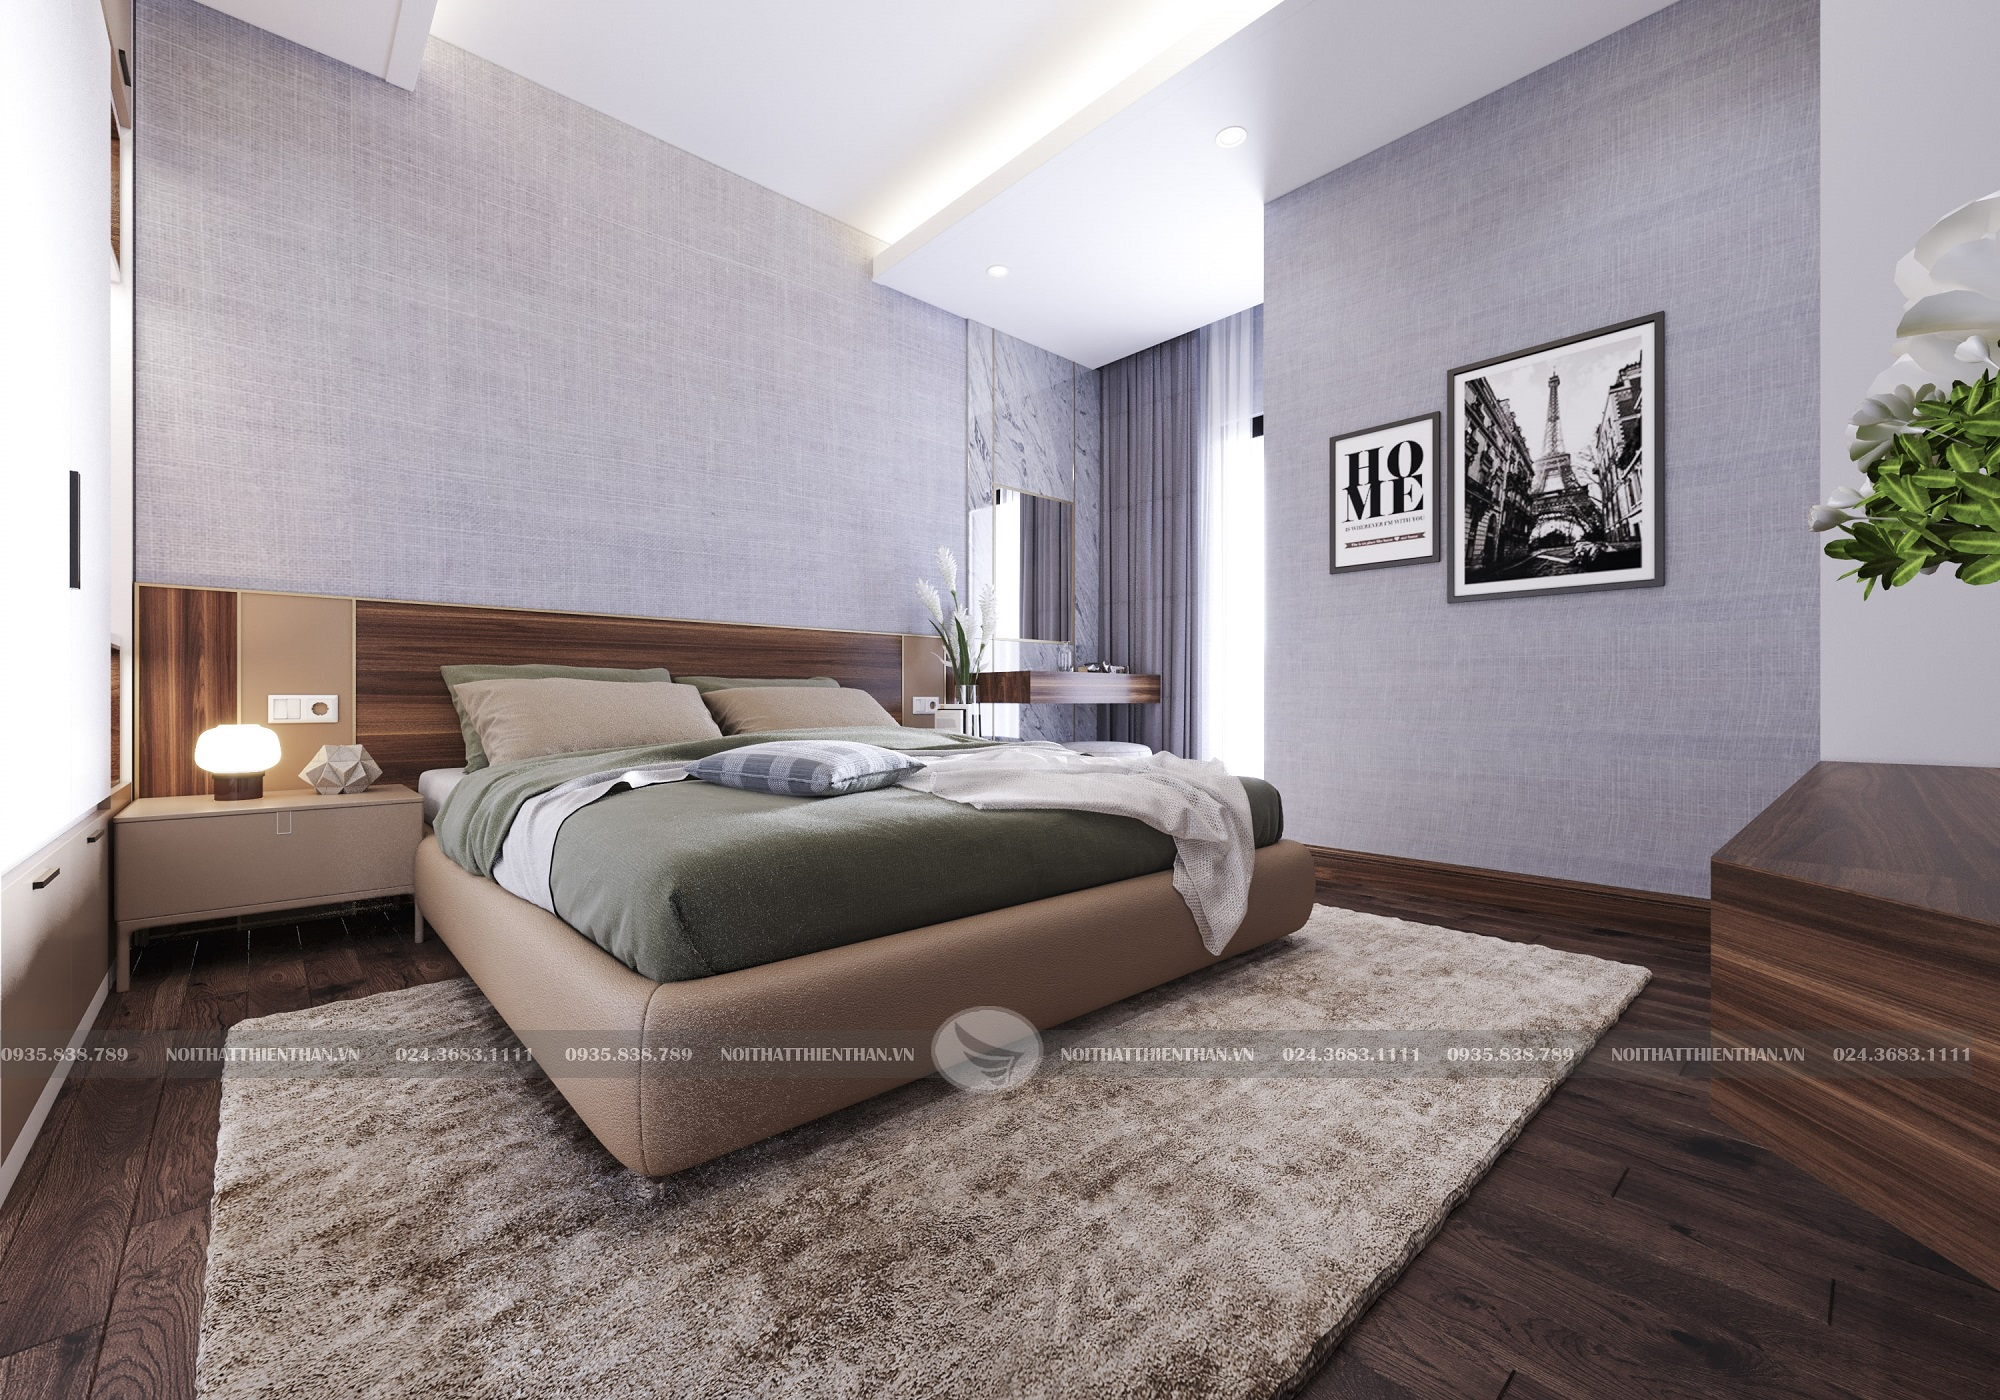 nội thất nhà phố hiện đại phòng ngủ master